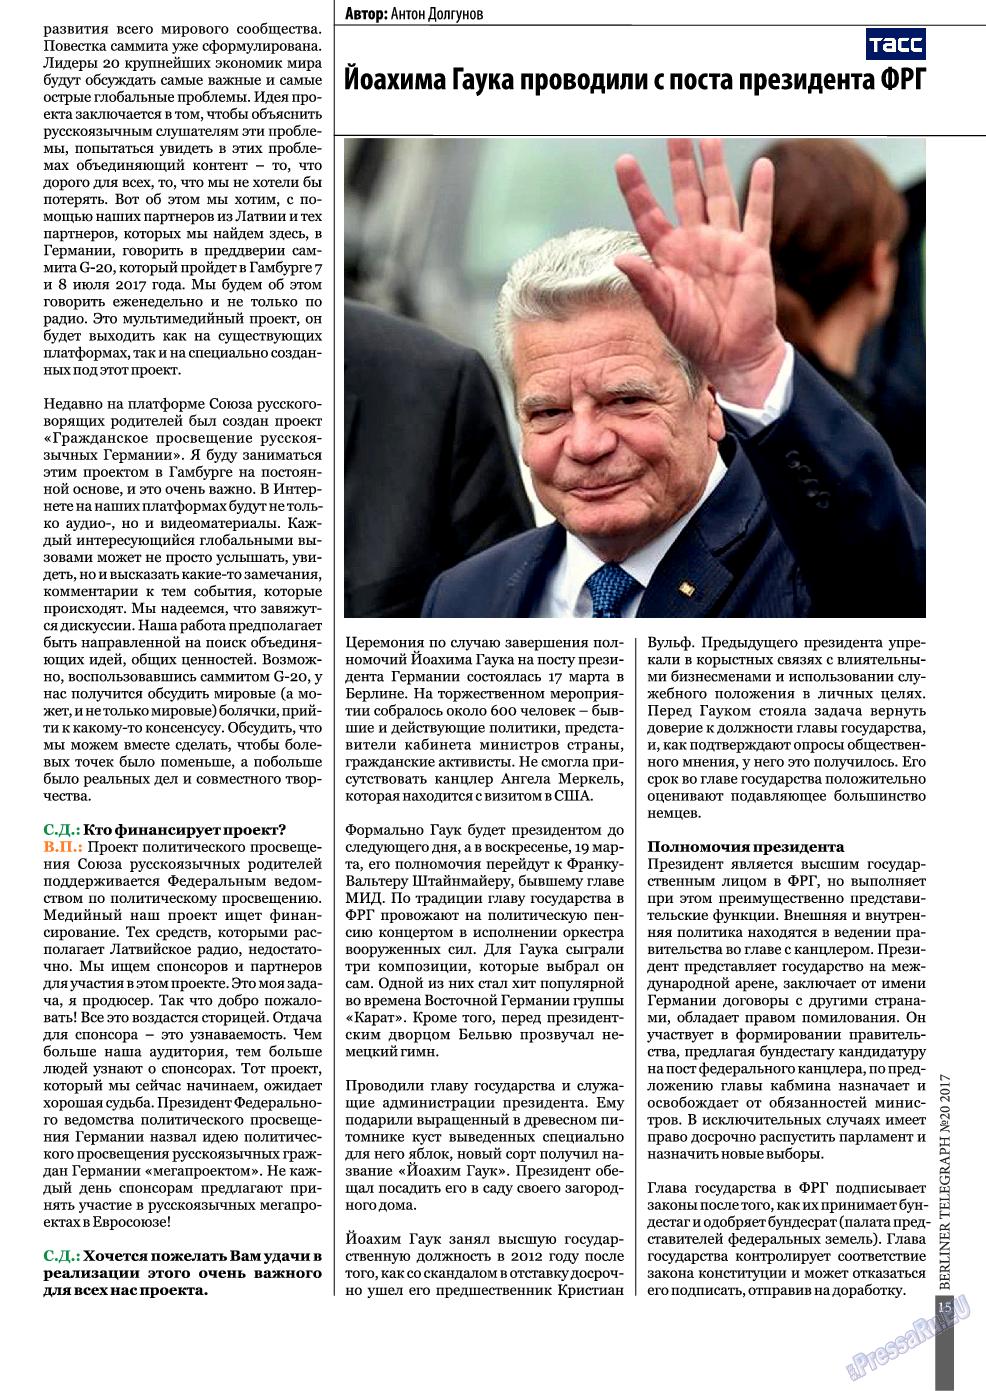 Берлинский телеграф (журнал). 2017 год, номер 20, стр. 15